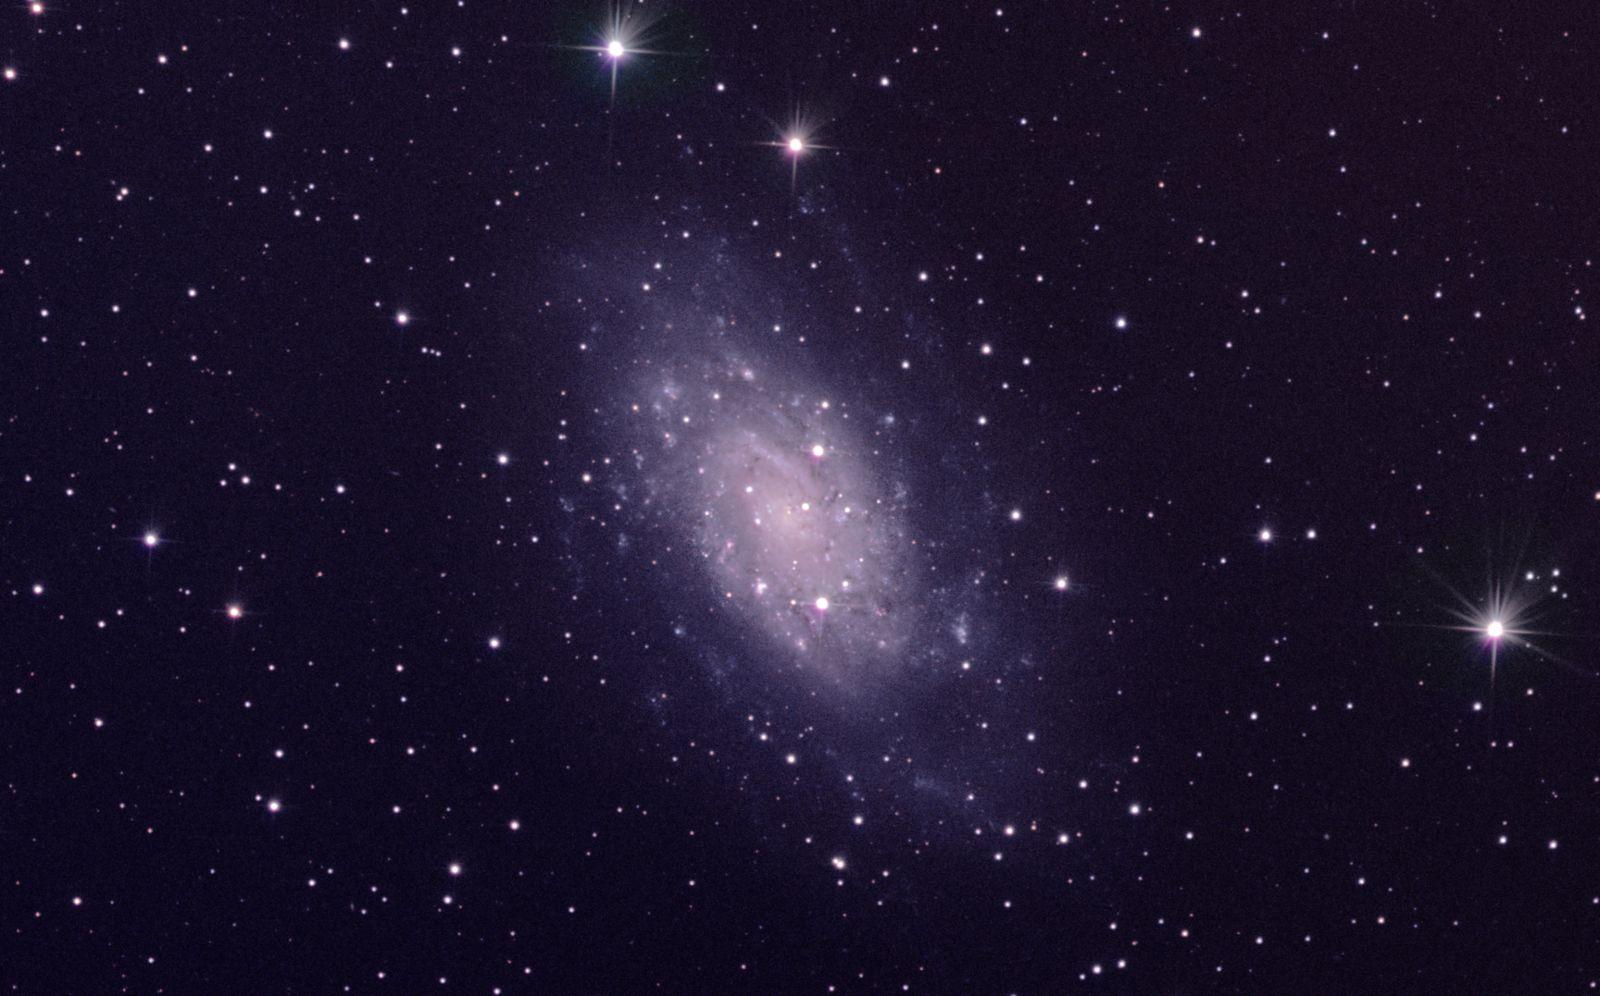 NGC2403 20190209 Newt10 QHY183M FW361 01